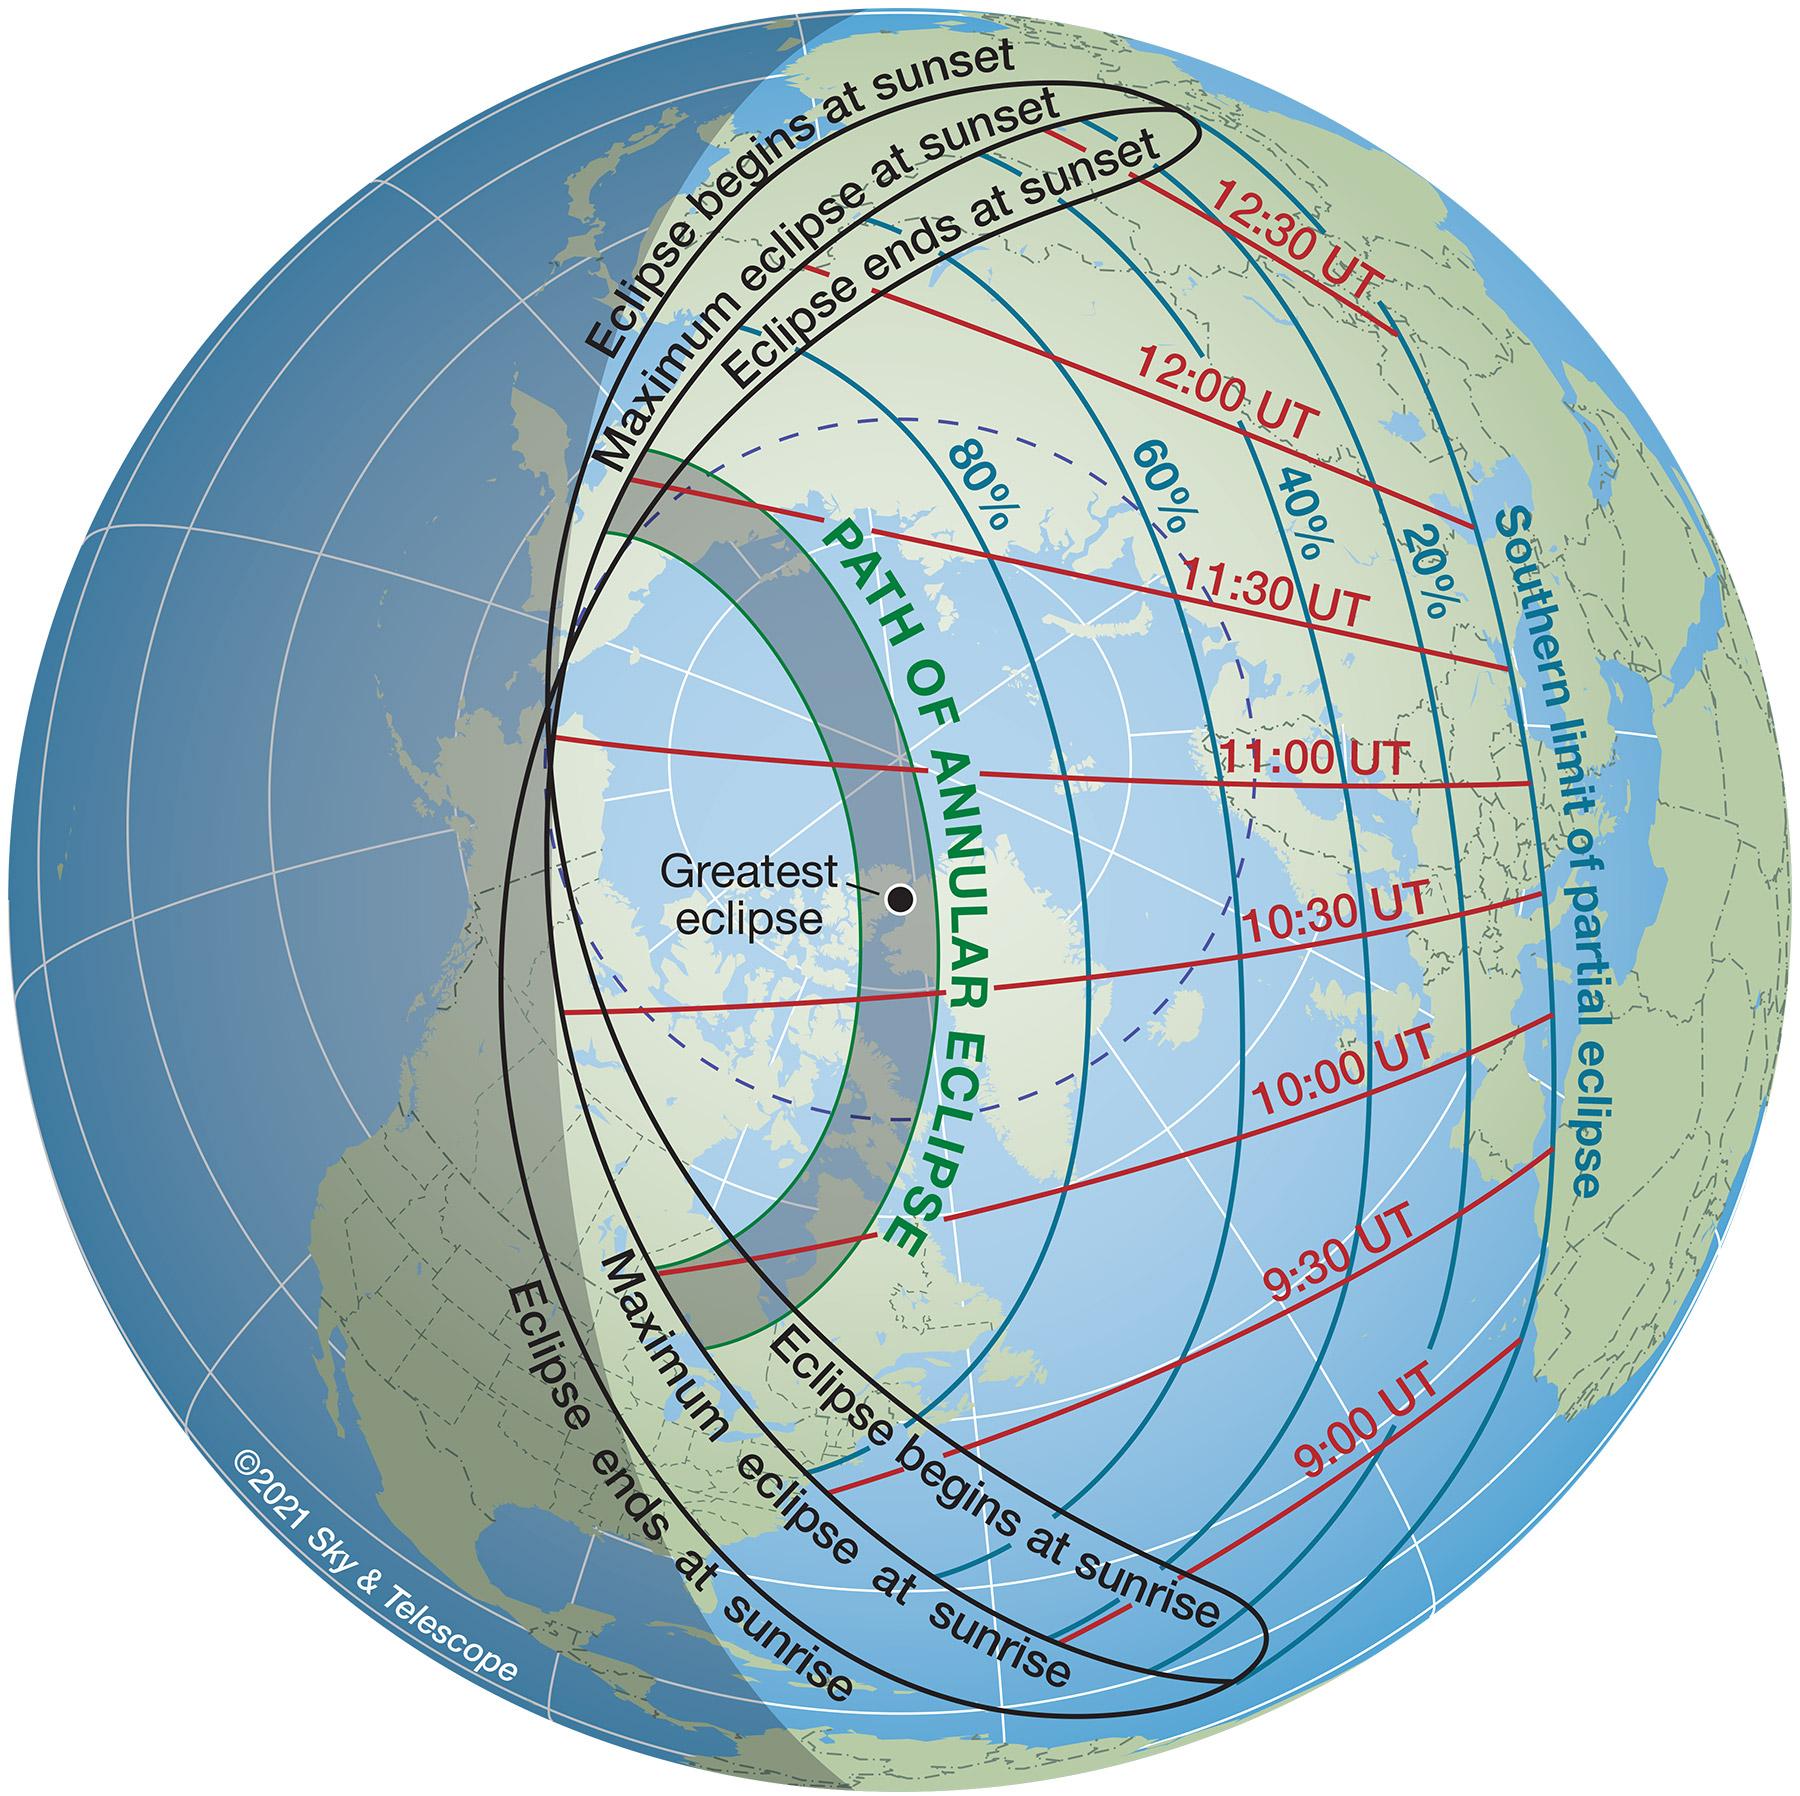 La trajectoire de l'éclipse annulaire du 10 juin 2021 s'étend du sud de l'Ontario, à travers la baie d'Hudson, au Groenland, au-dessus de l'Arctique et se termine dans le nord-est de la Russie.  La plus grande éclipse se produit juste au large des côtes du Groenland, où l'annularité maximale durera 3 minutes et 51 secondes.